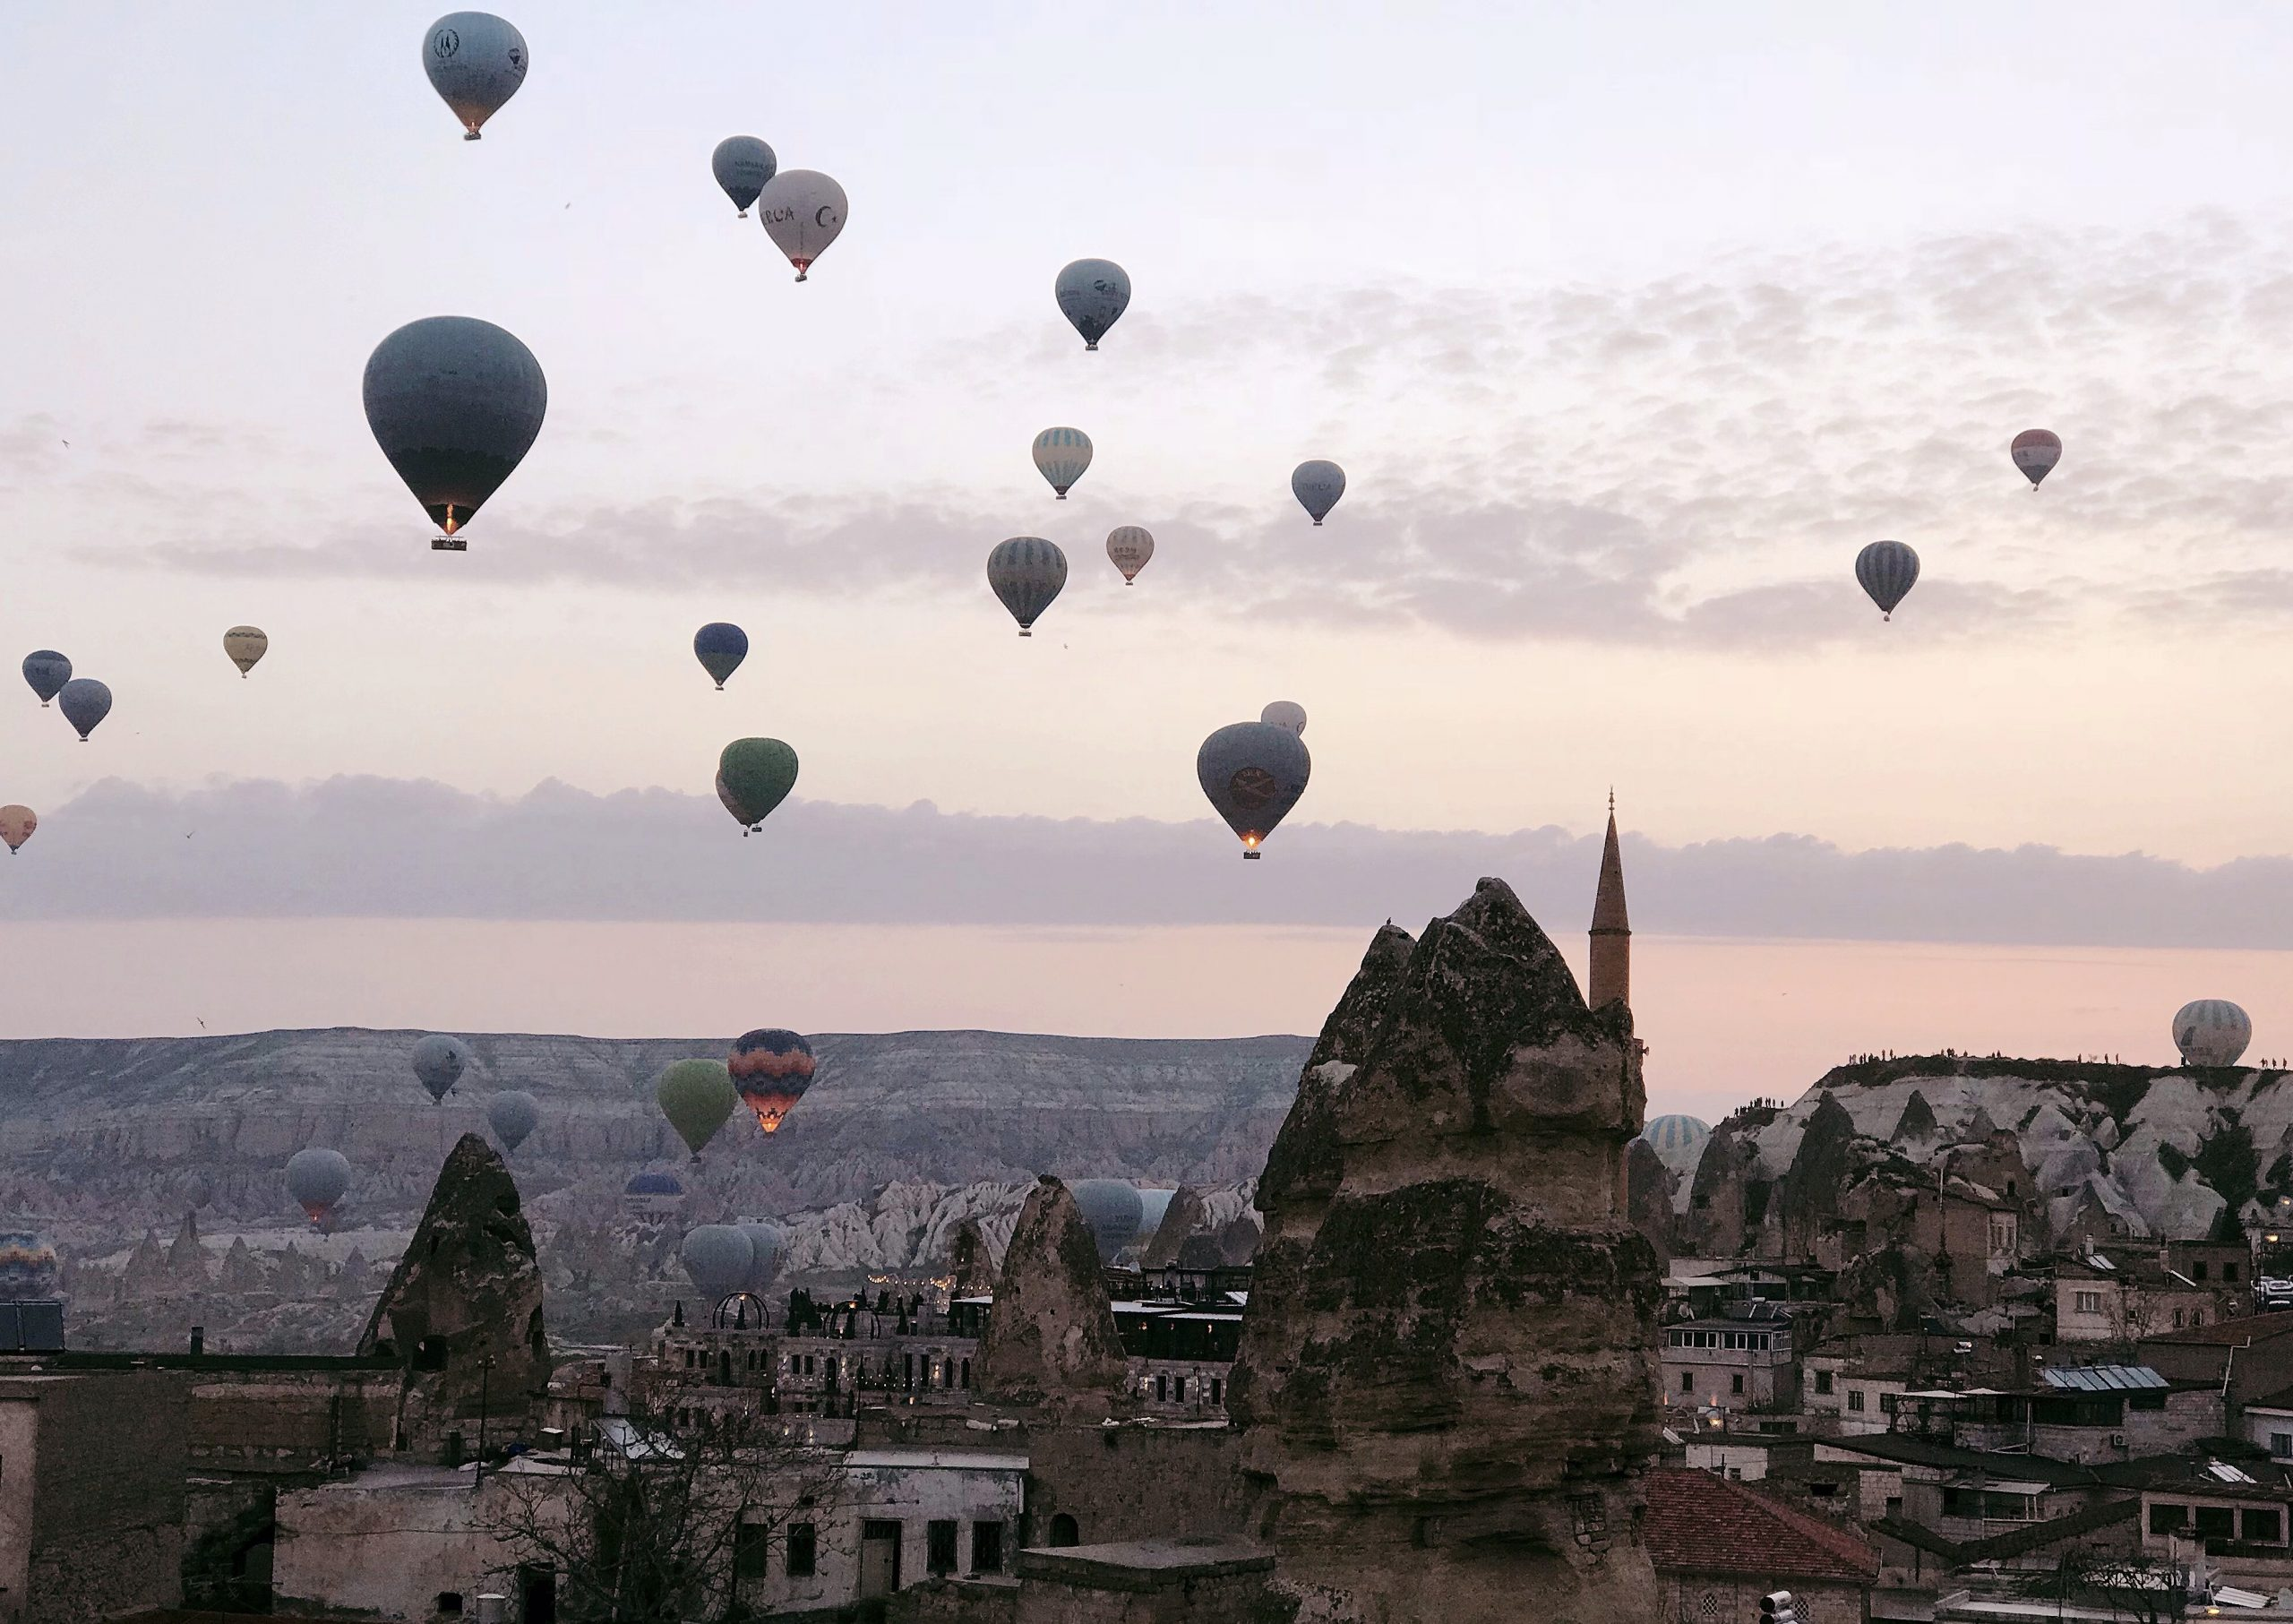 На большом воздушном шаре: путешествие в Каппадокию